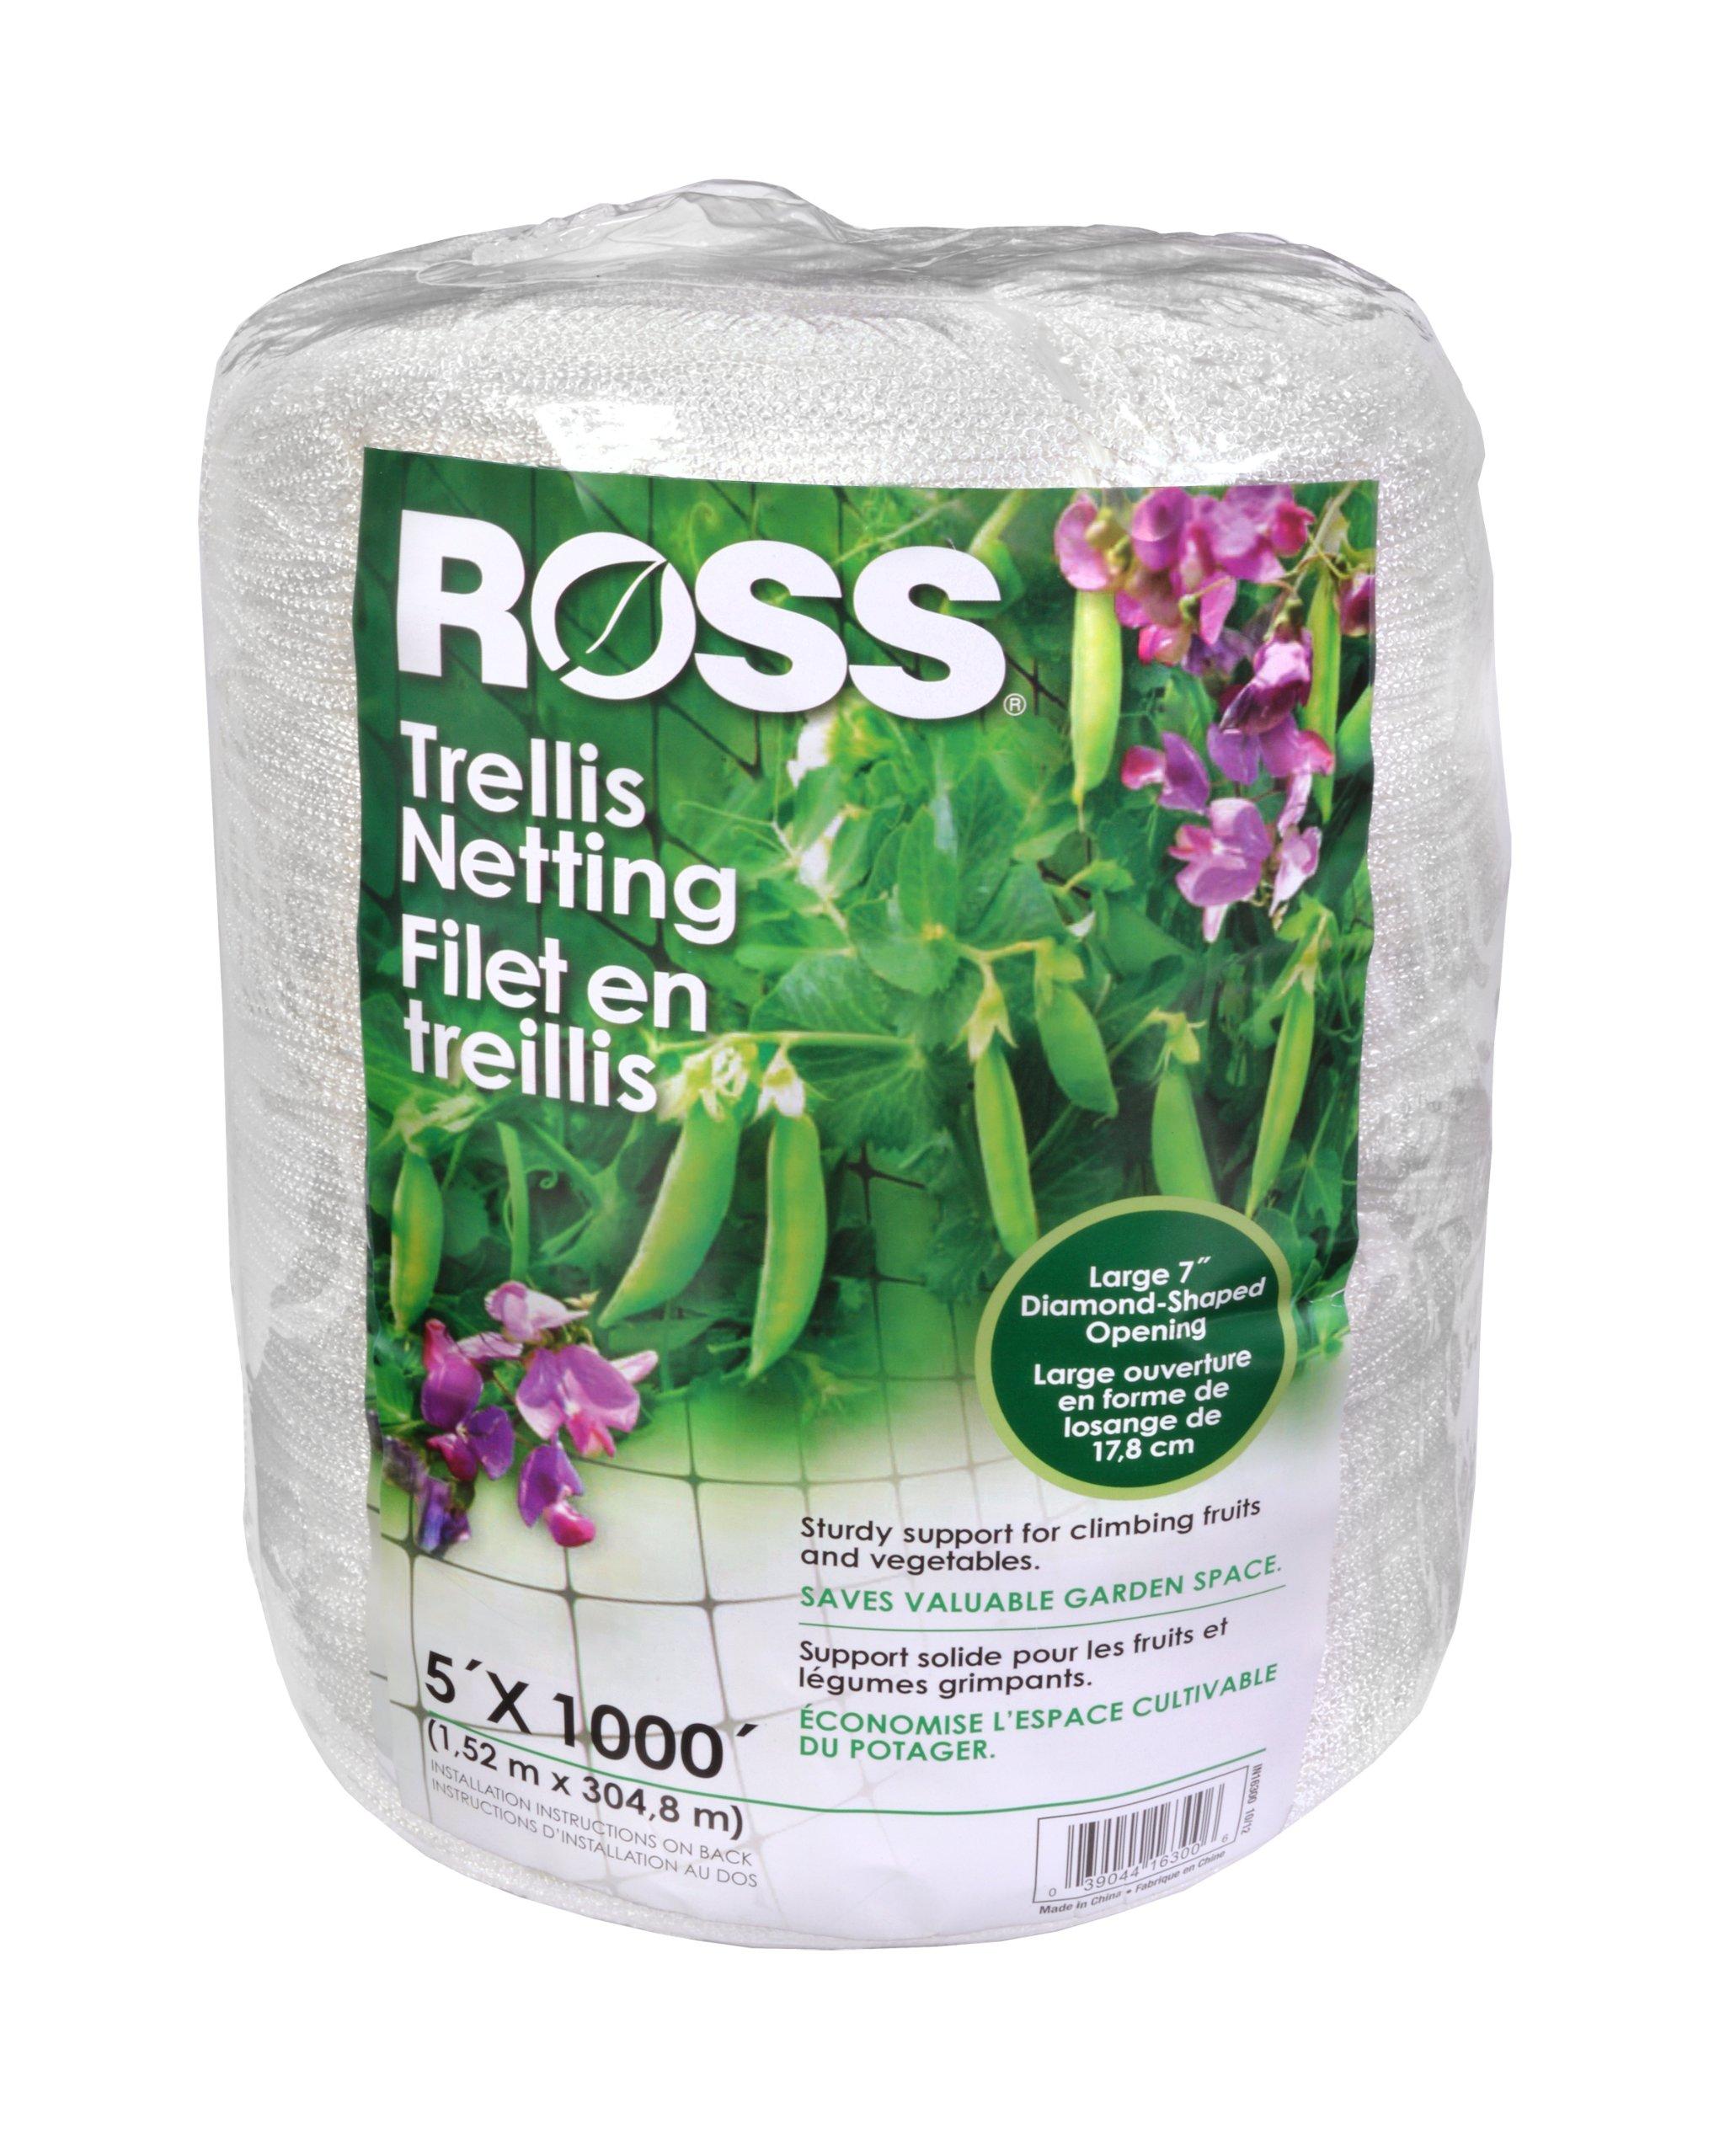 Ross Trellis Netting (Support for Climbing, Fruits, Vegetables and Flowers) White Garden Netting, 5 feet x 1000 feet